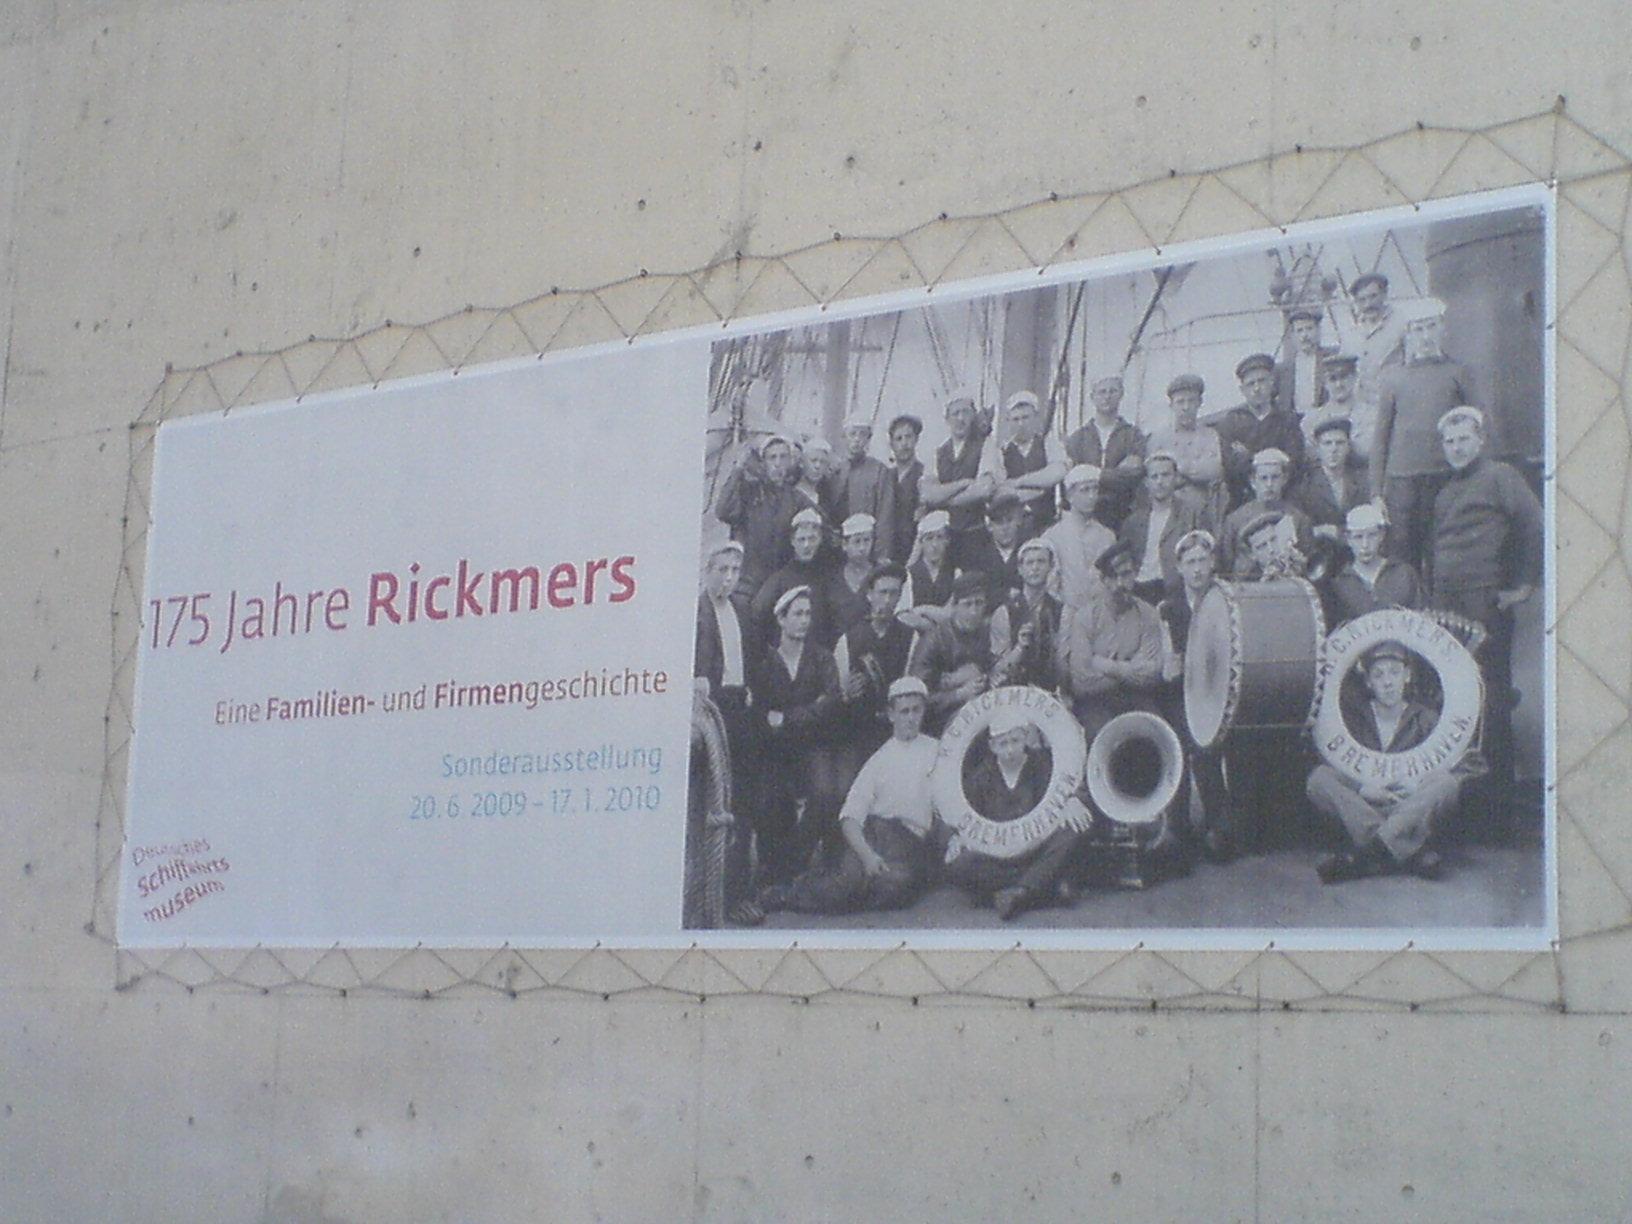 Schiffahrtsmuseum Bremerhaven - 175 Jahre Rickmers